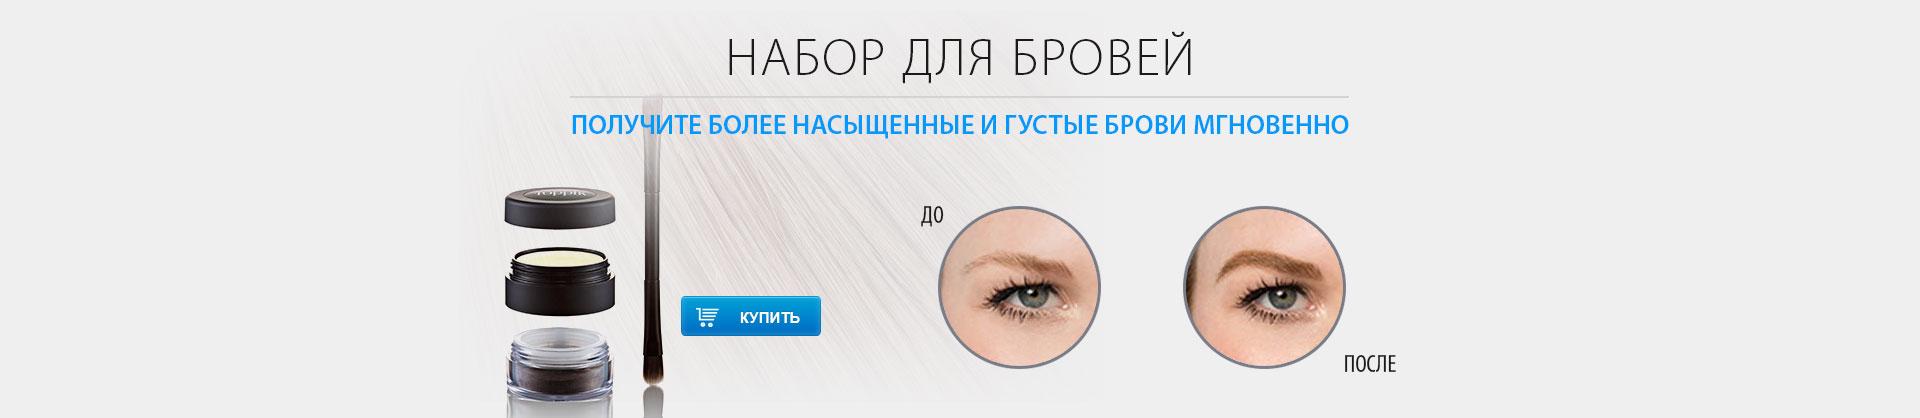 Миноксидил для волос инструкция цена сухих